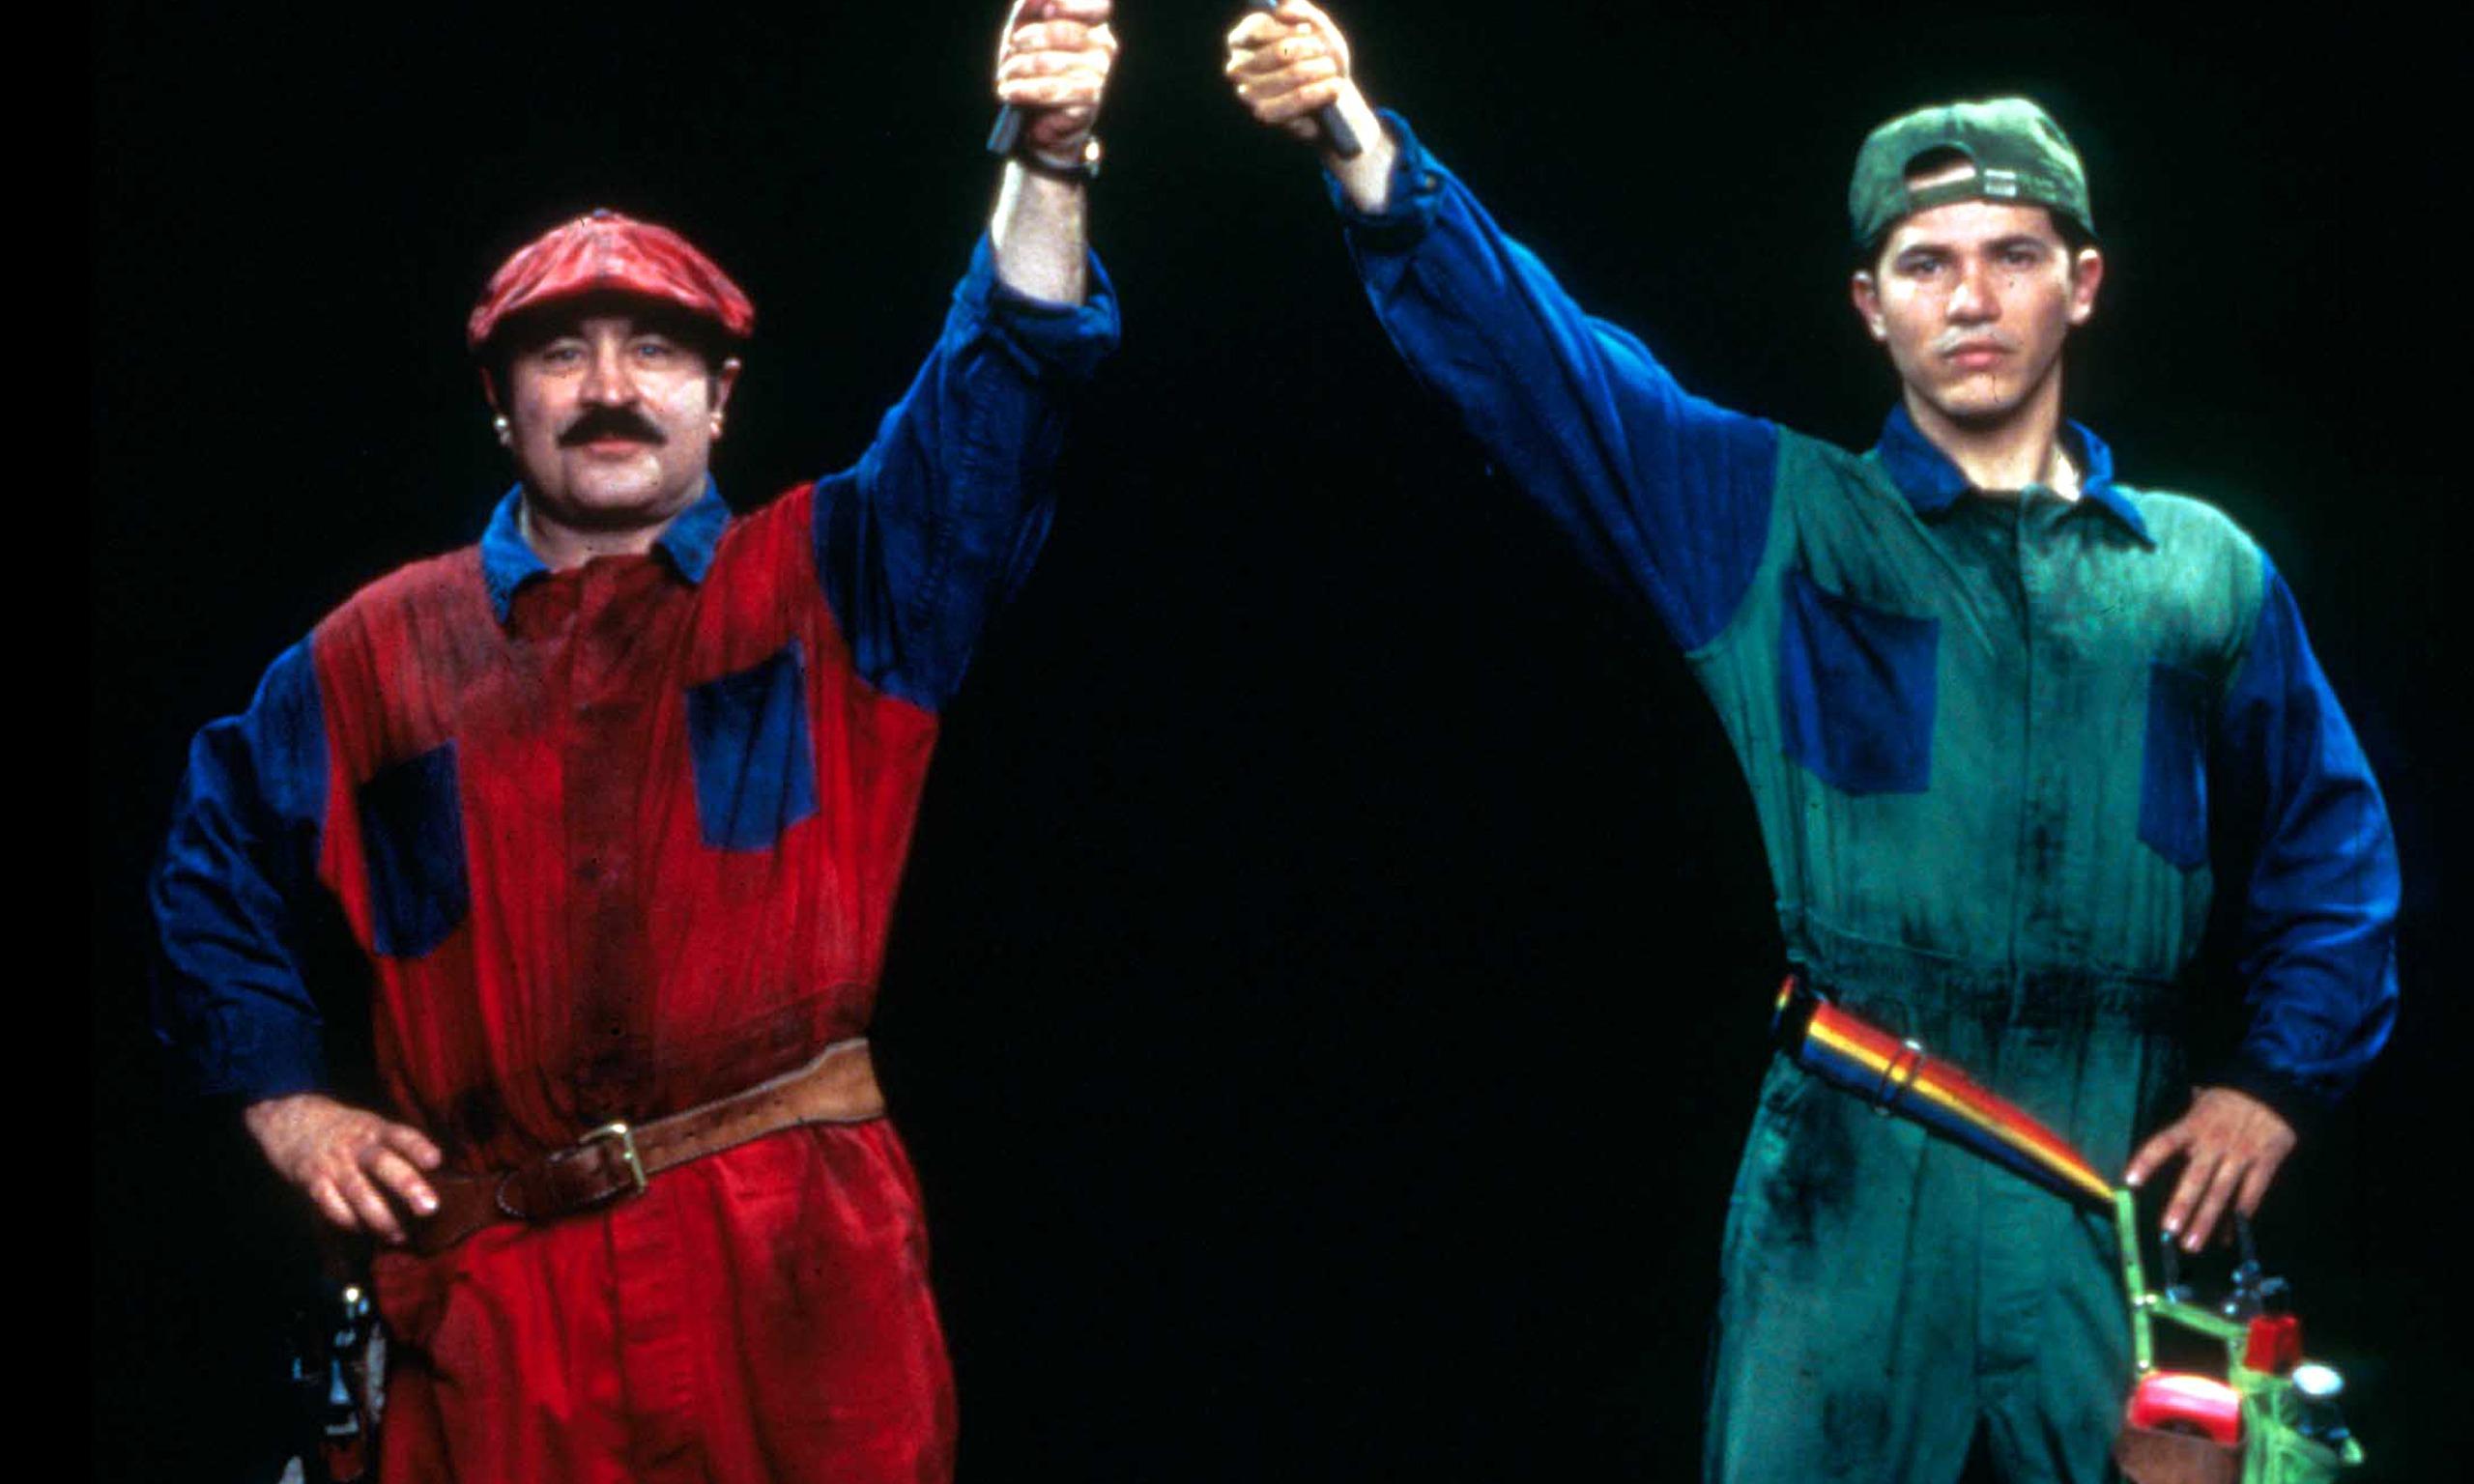 Bob Hoskins as Mario and John Leguizamo as Luigi in Super Mario Bros. (1993)